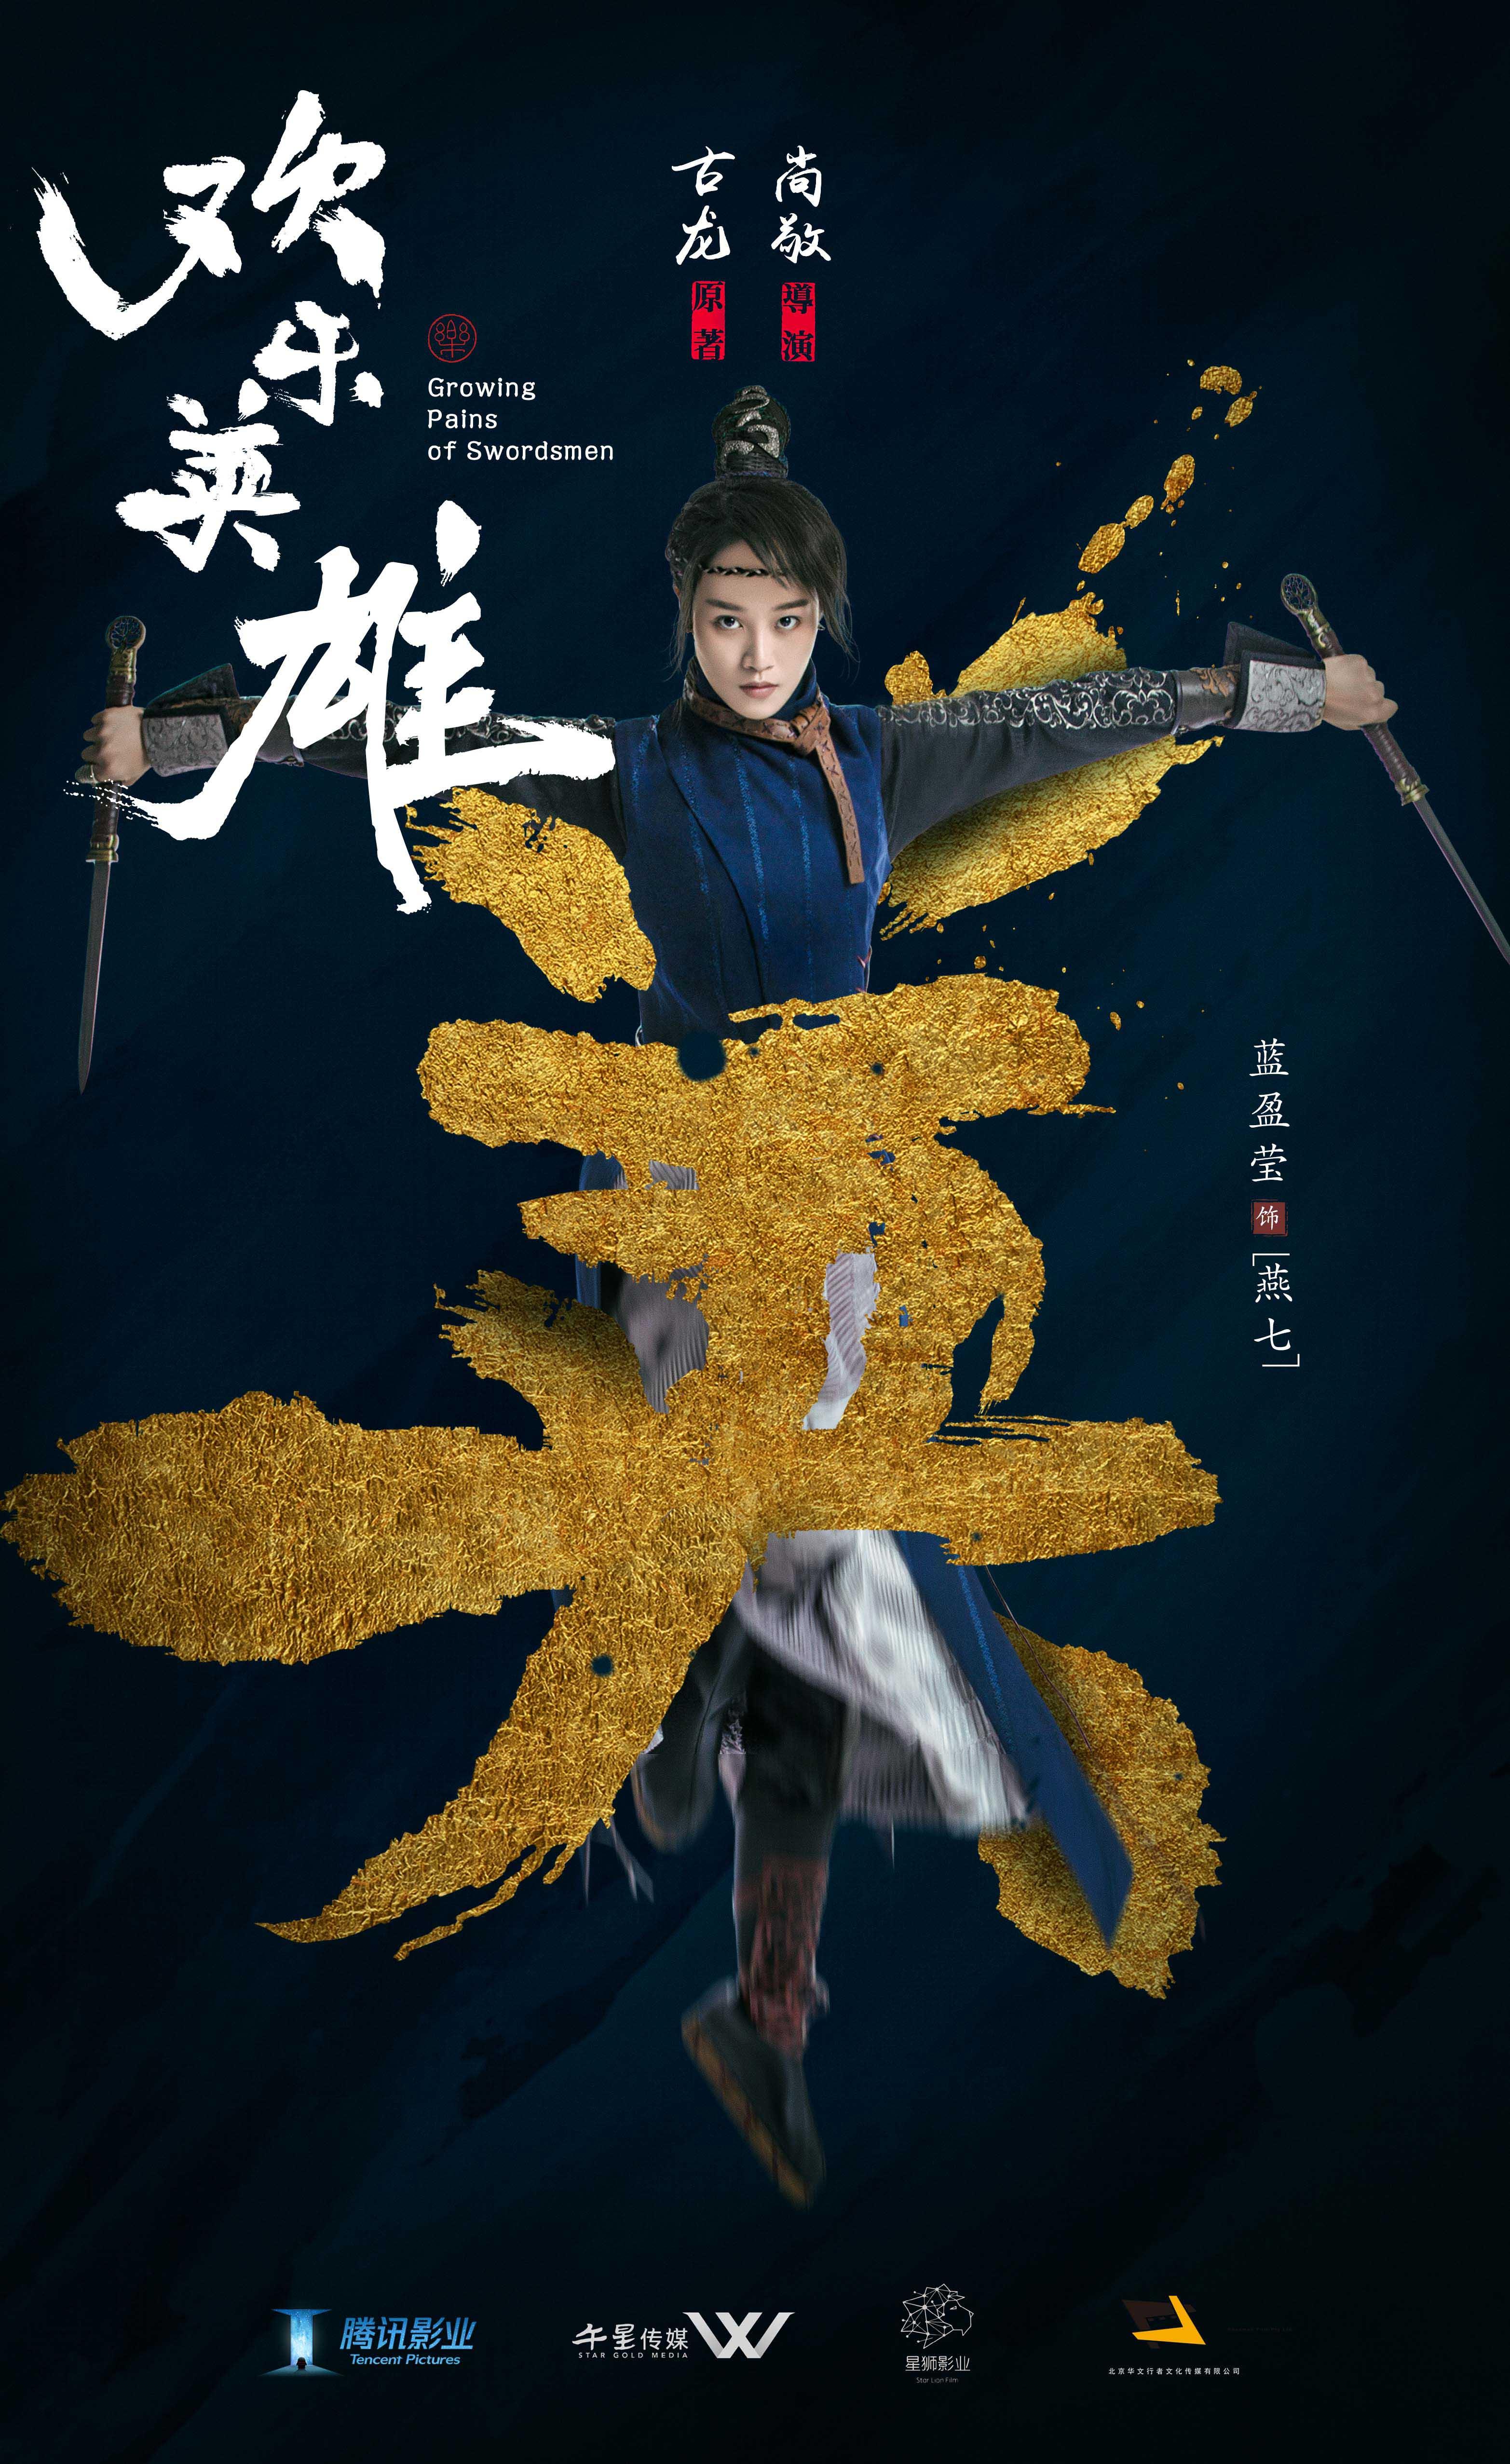 《欢乐英雄》发布全新海报  蓝盈莹实力演绎豪情侠女